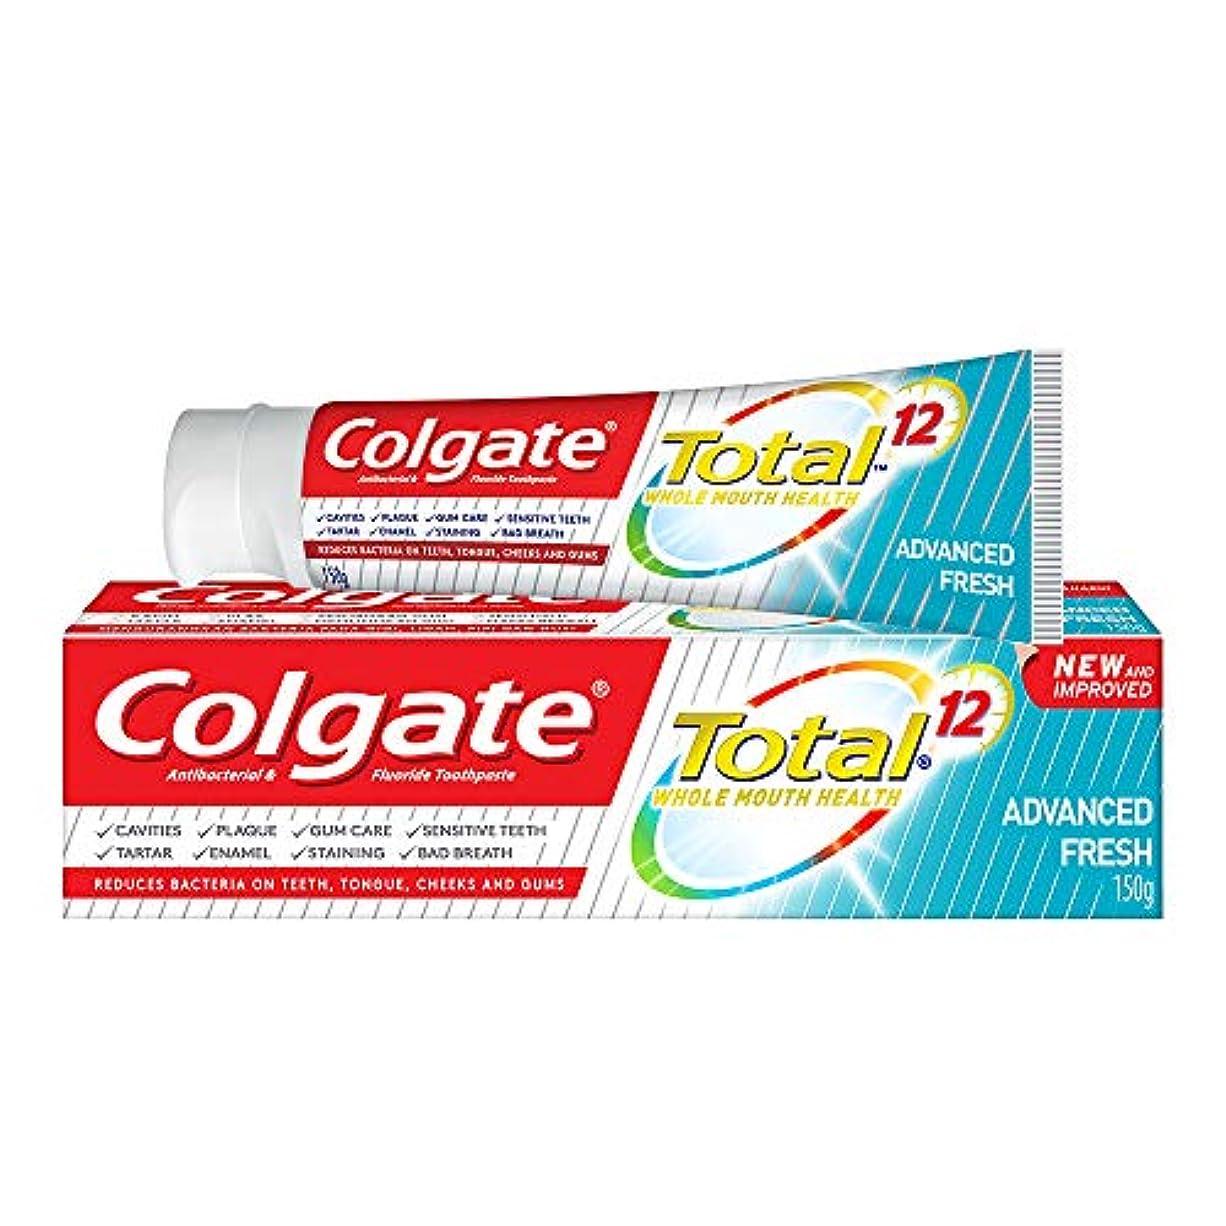 悪性腫瘍肉欲しいですColgate コルゲート トータル トゥースペースト 150g (歯磨き粉) 【歯磨き粉、虫歯予防、アメリカン雑貨】